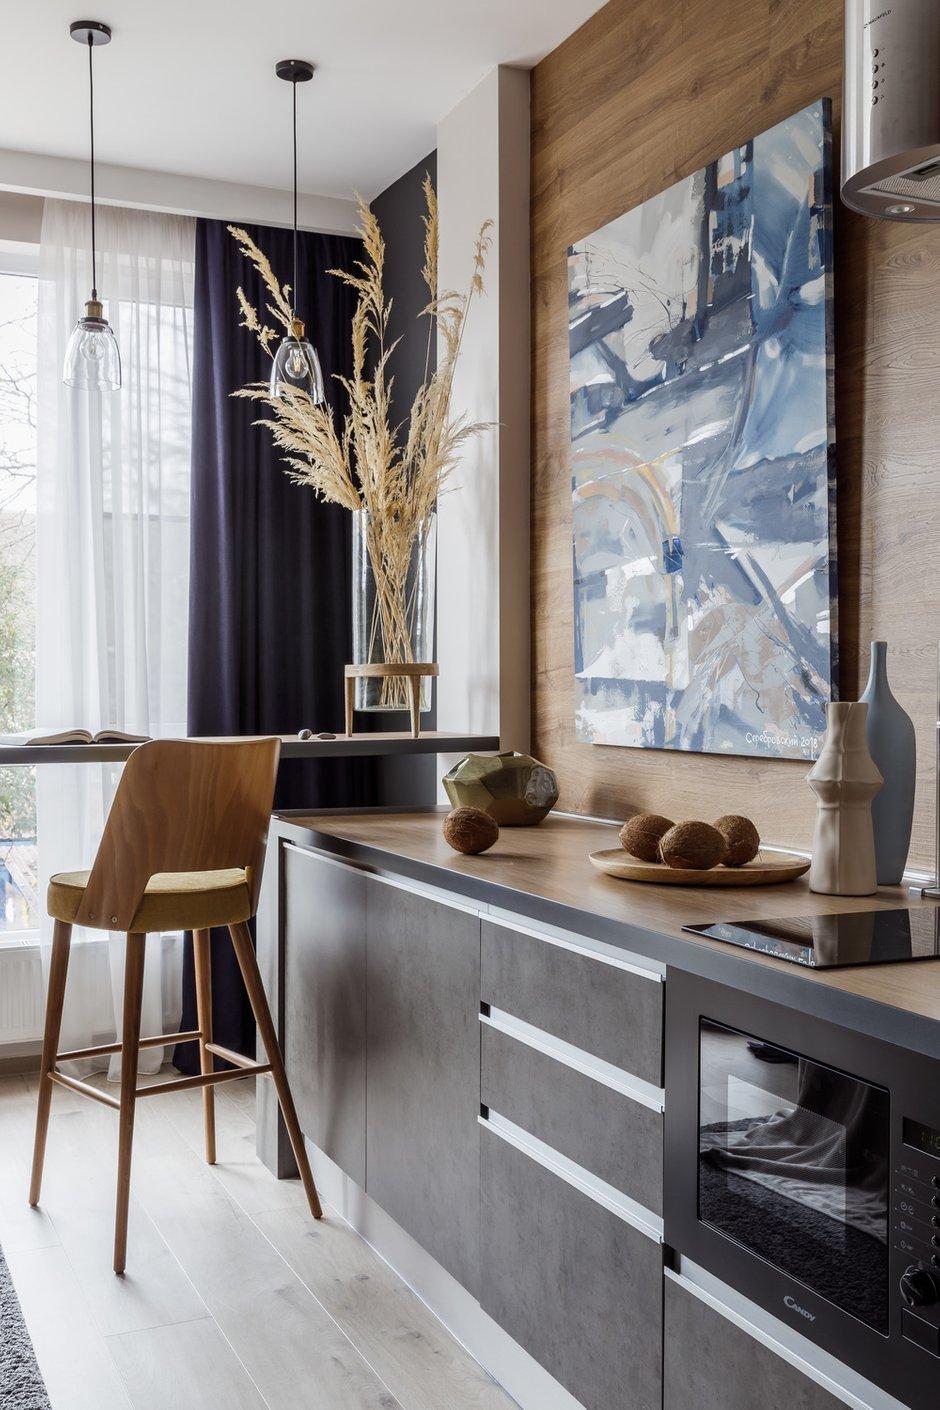 Фотография: Кухня и столовая в стиле Современный, Лофт, Квартира, Студия, Проект недели, до 40 метров, Денис Тарасенко, Адлер – фото на INMYROOM